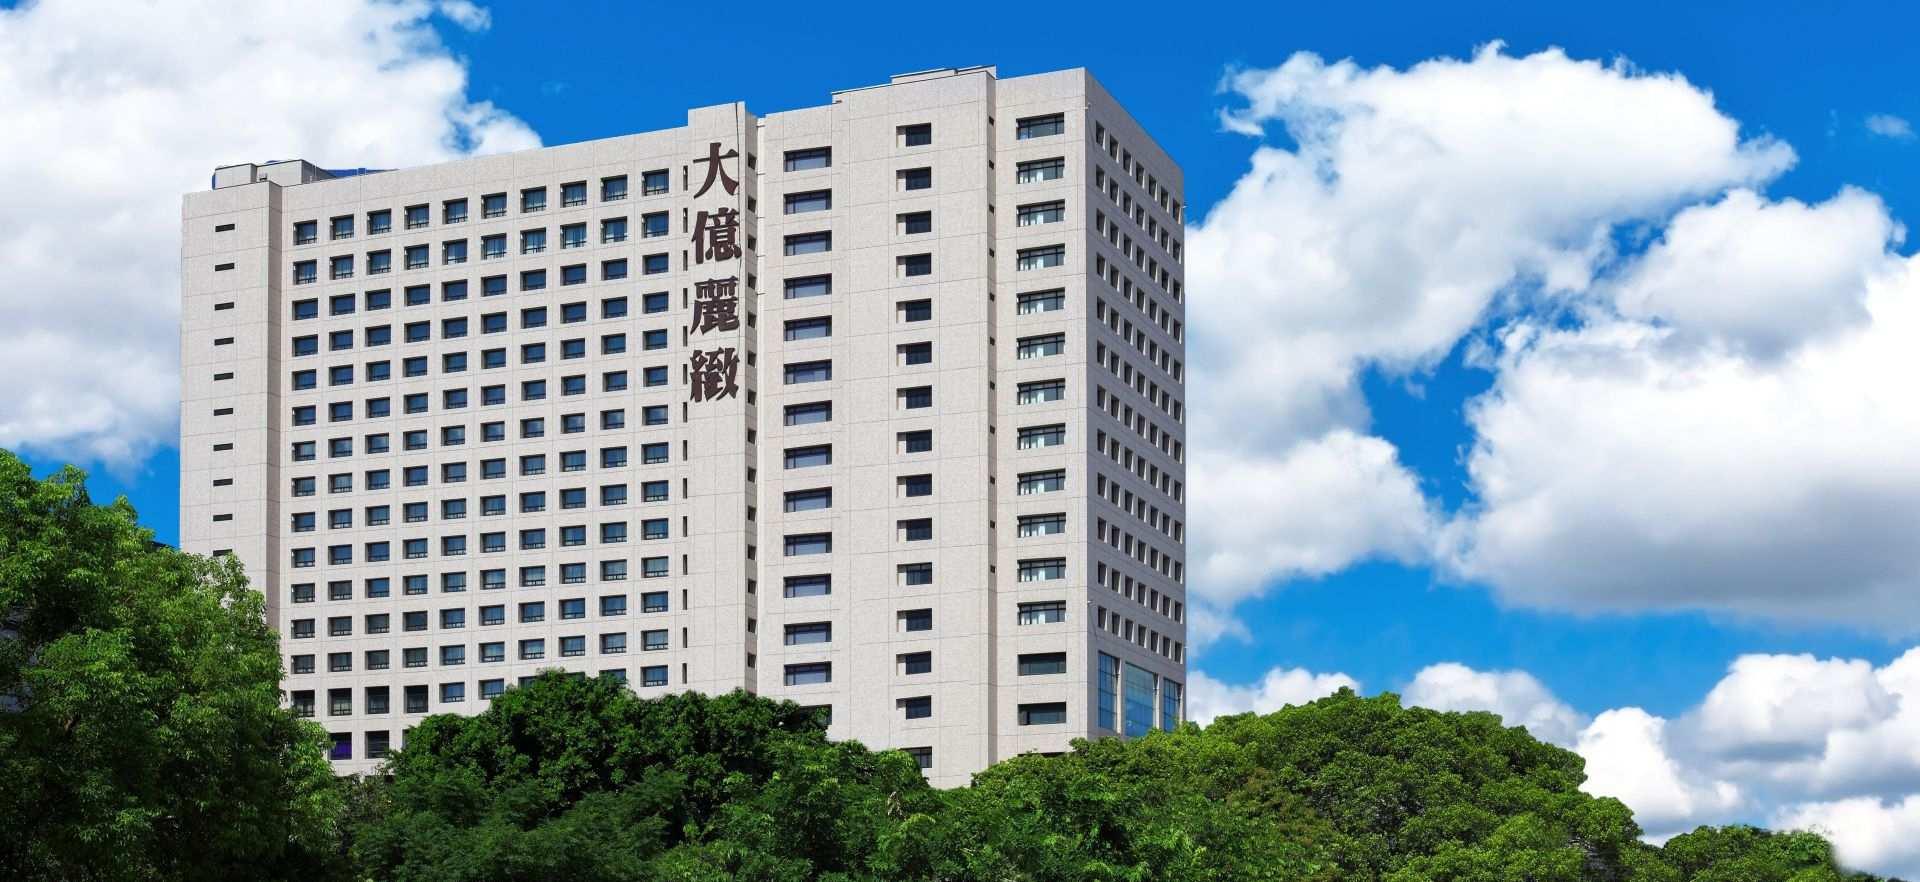 【高鐵假期自由行 】台南大億麗緻酒店 2 日遊